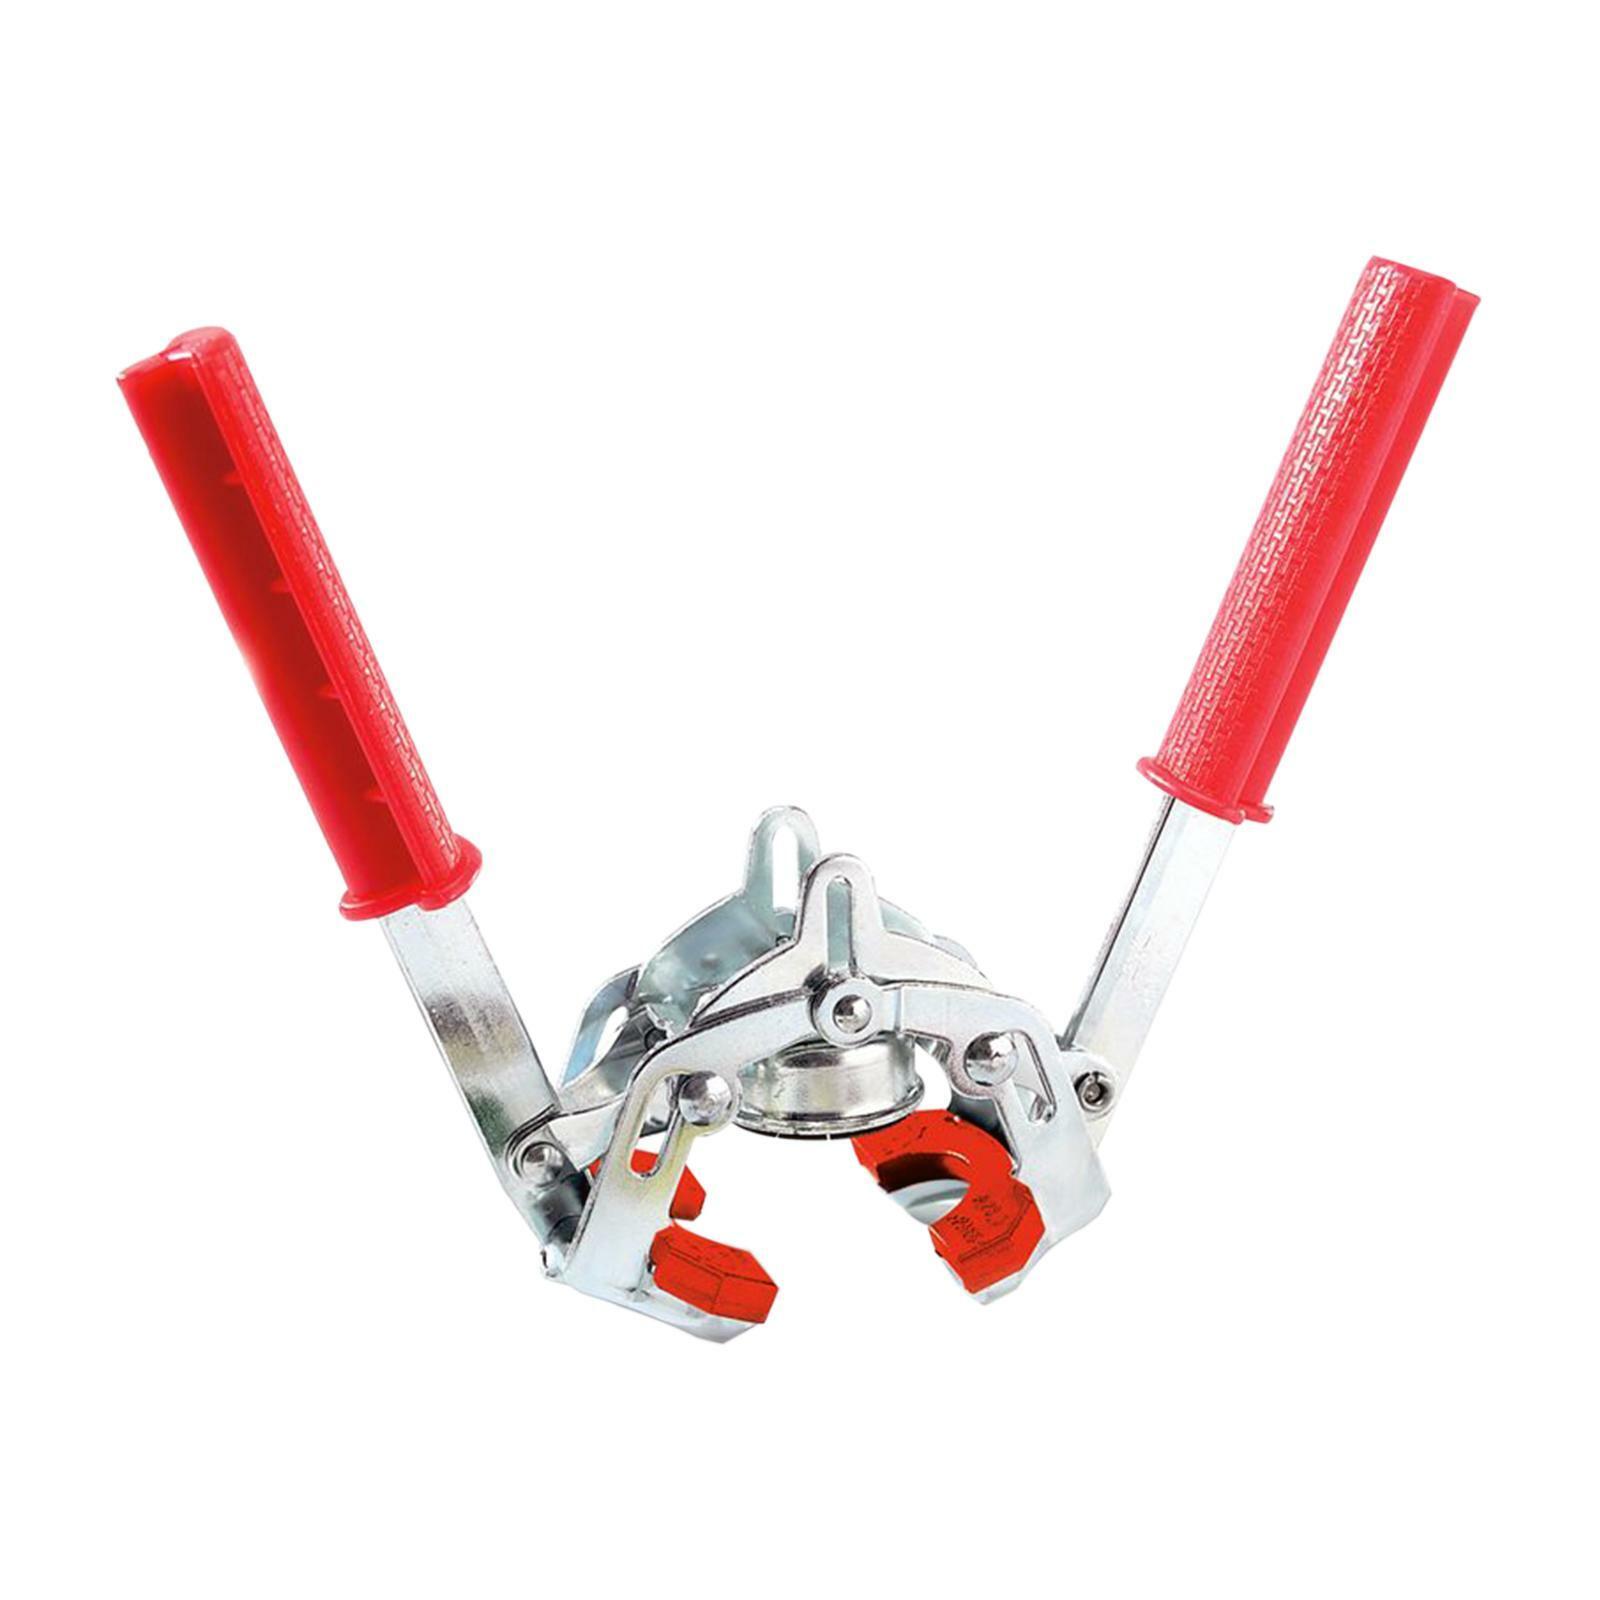 omac tappatrice universale per bottiglie tappi a corona 26,5mm